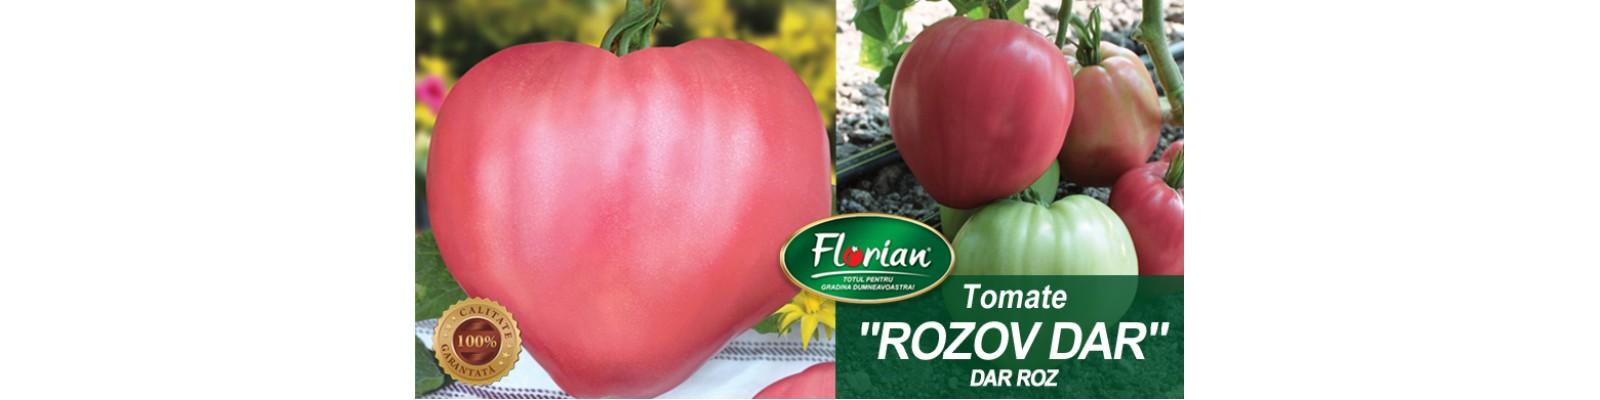 Soiul de tomate bulgaresti, Rozov Dar, Florian